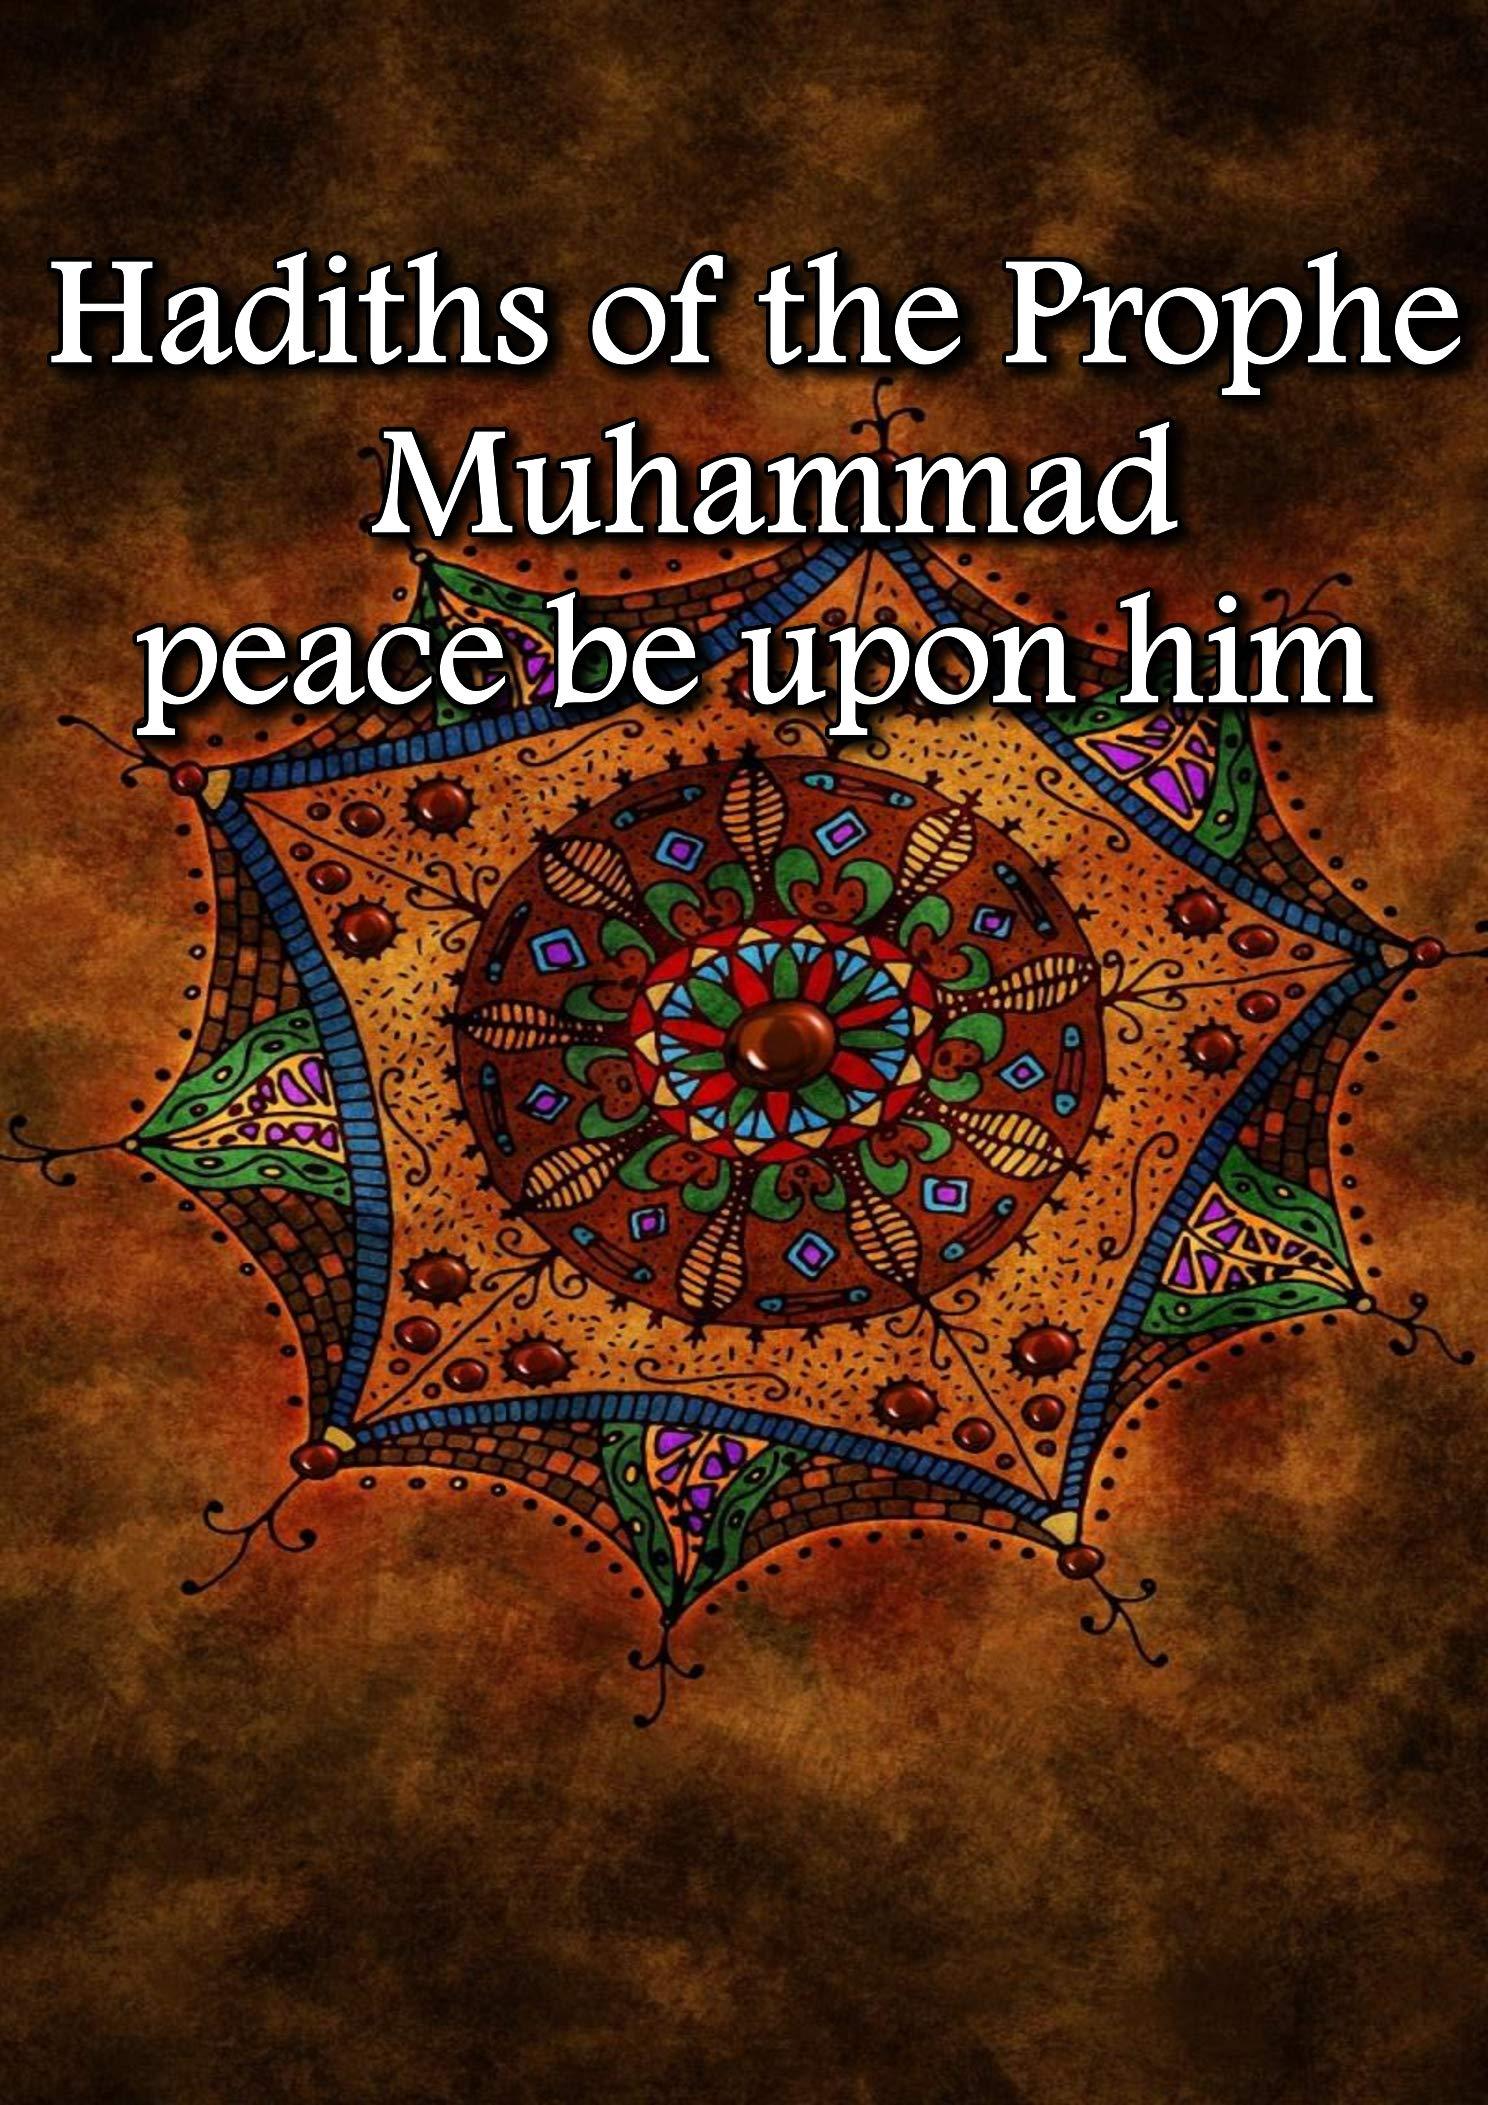 Hadiths of the Prophet Muhammad, peace be upon him . Sahih Al Bukhari: احاديث نبي محمد صلى الله عليه وسلم